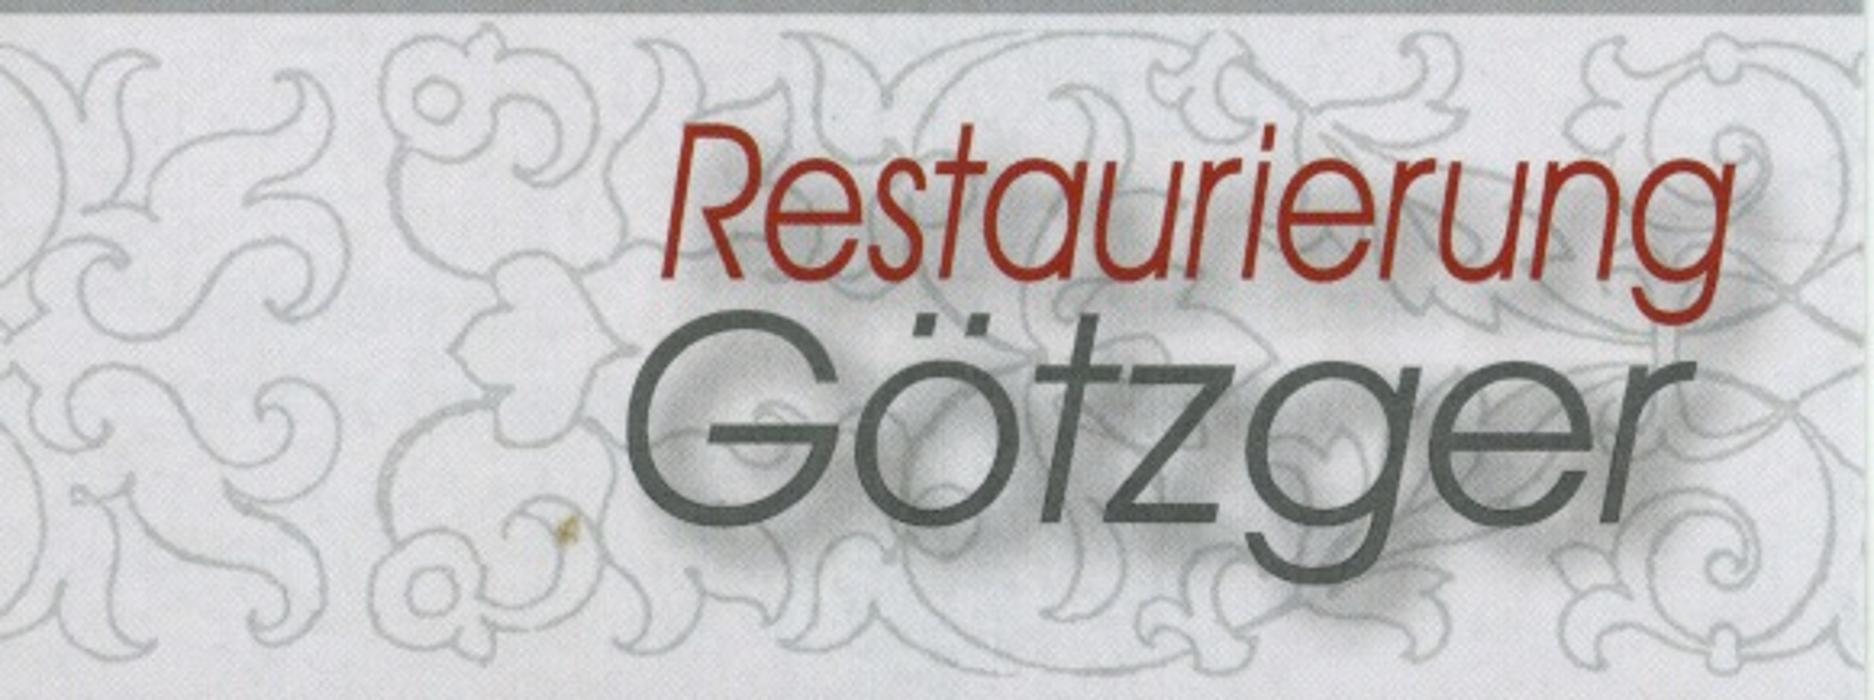 Bild zu Restaurierung Götzger in Wellheim